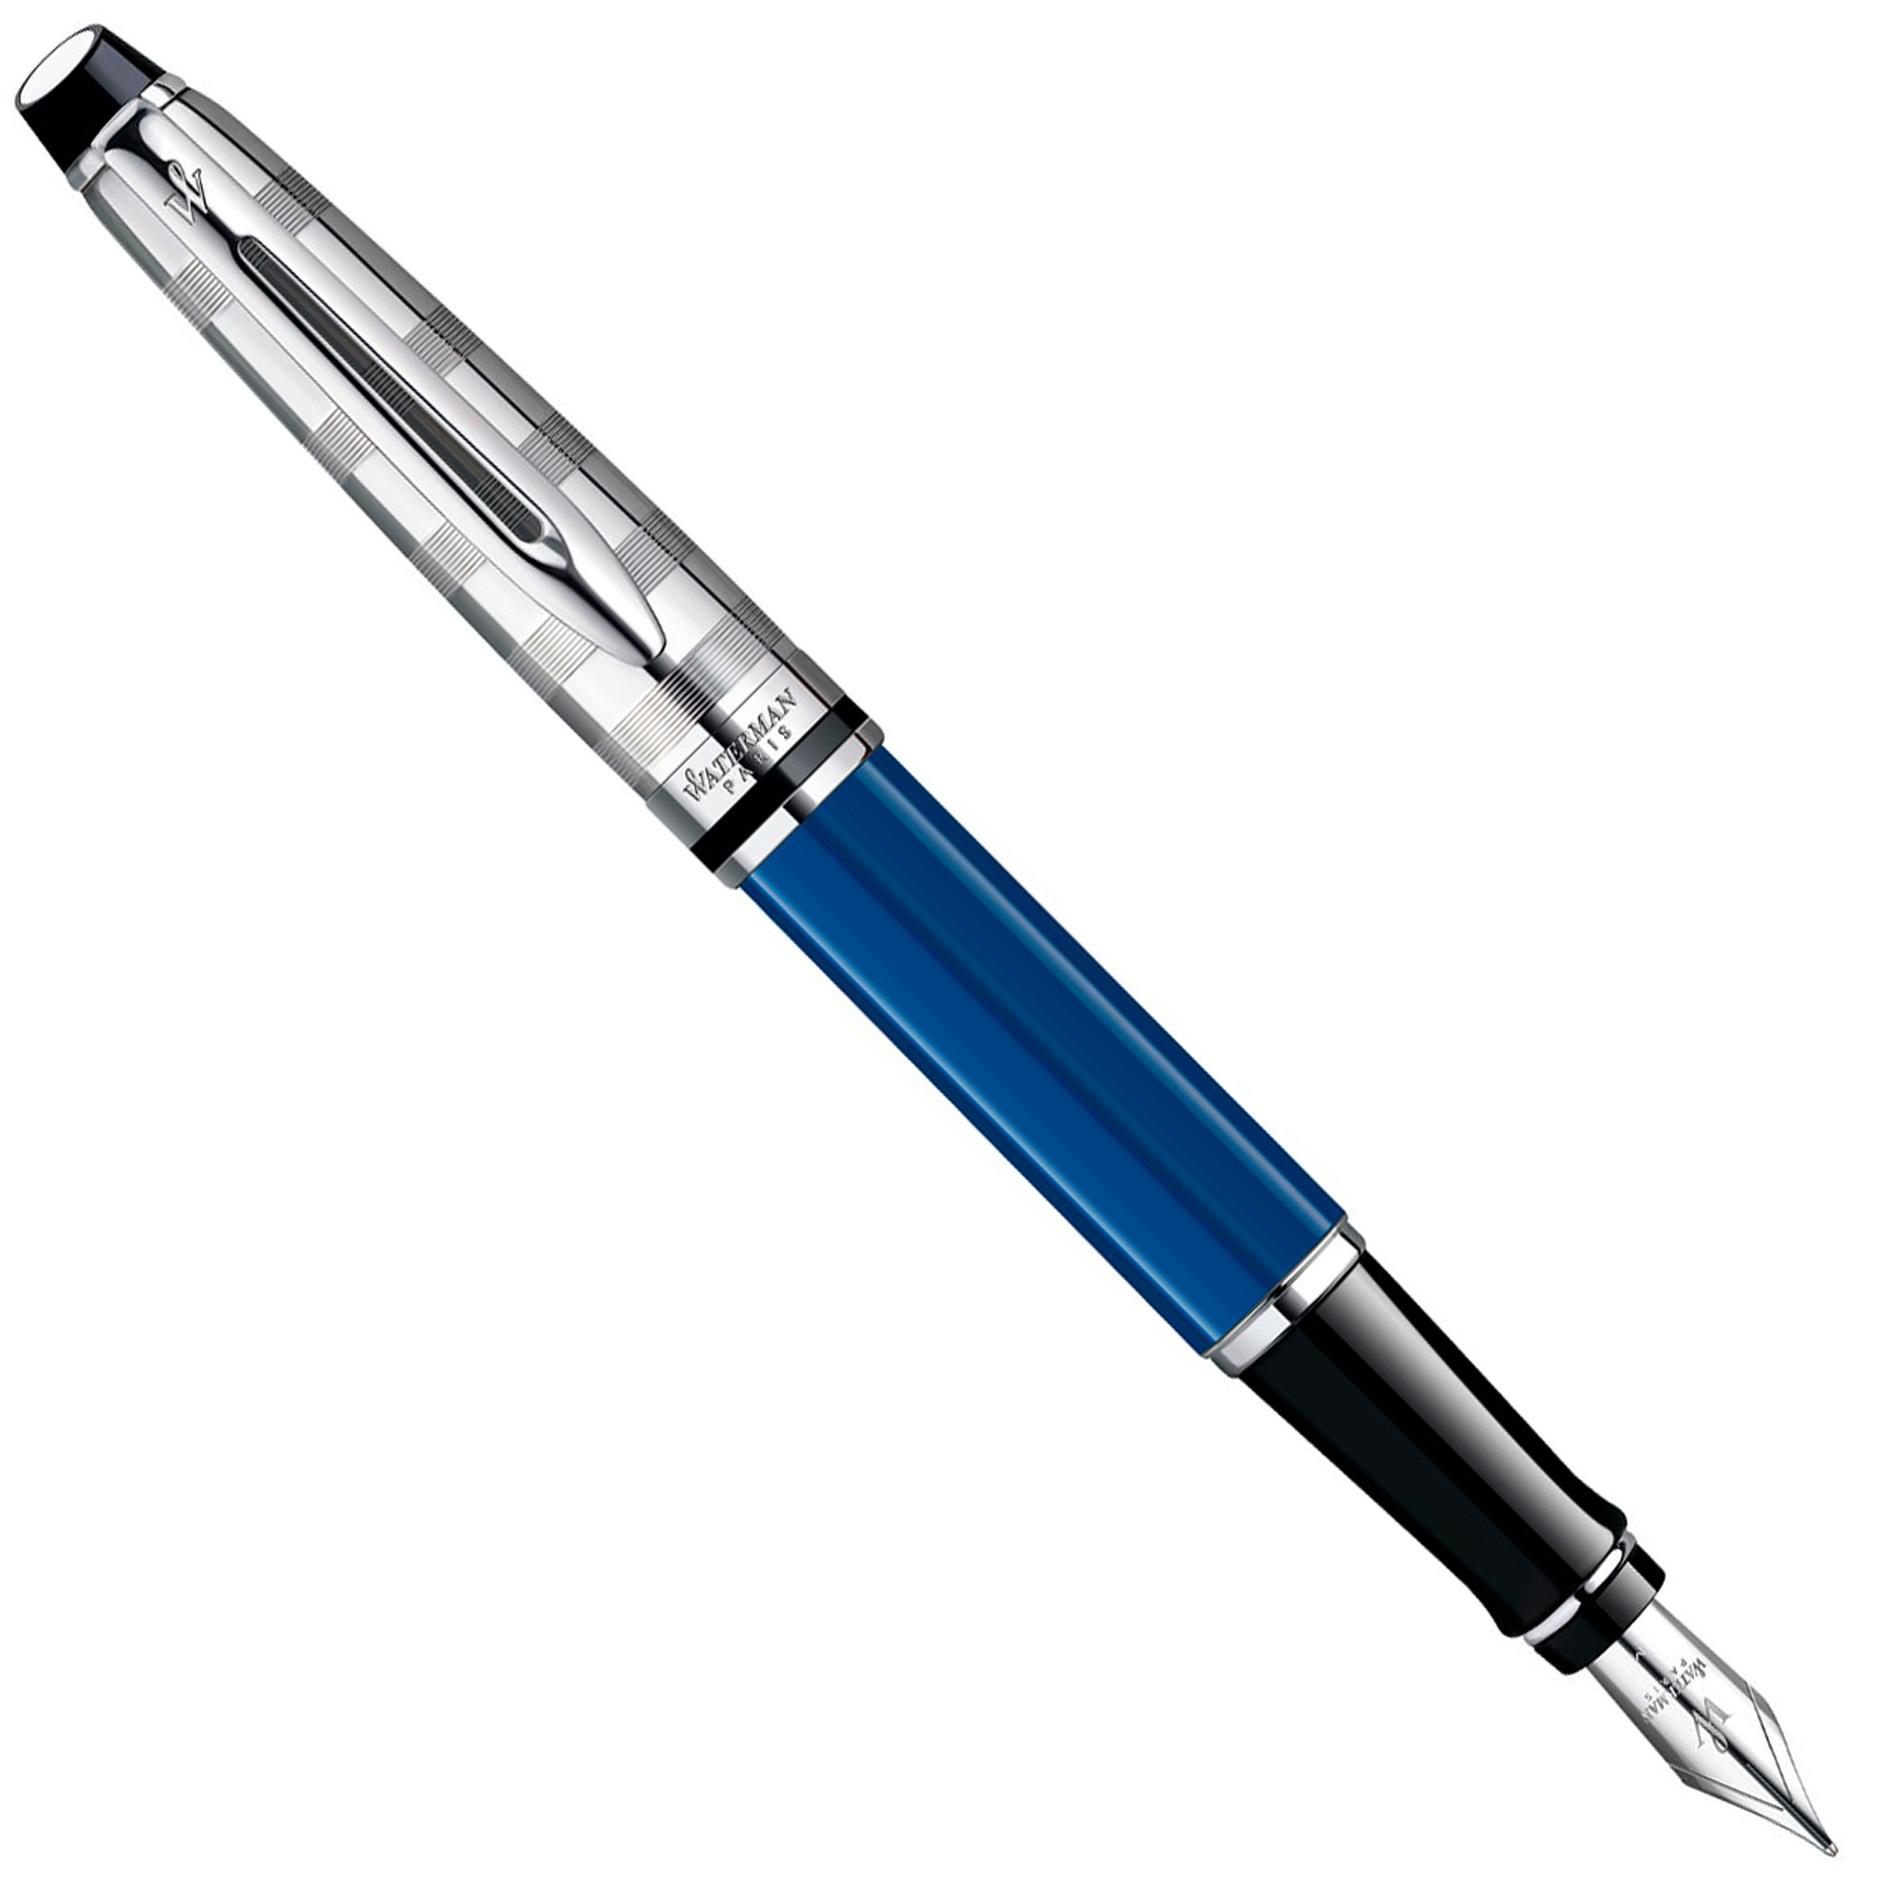 Waterman Expert DeLuxe Fountain pen 1904580